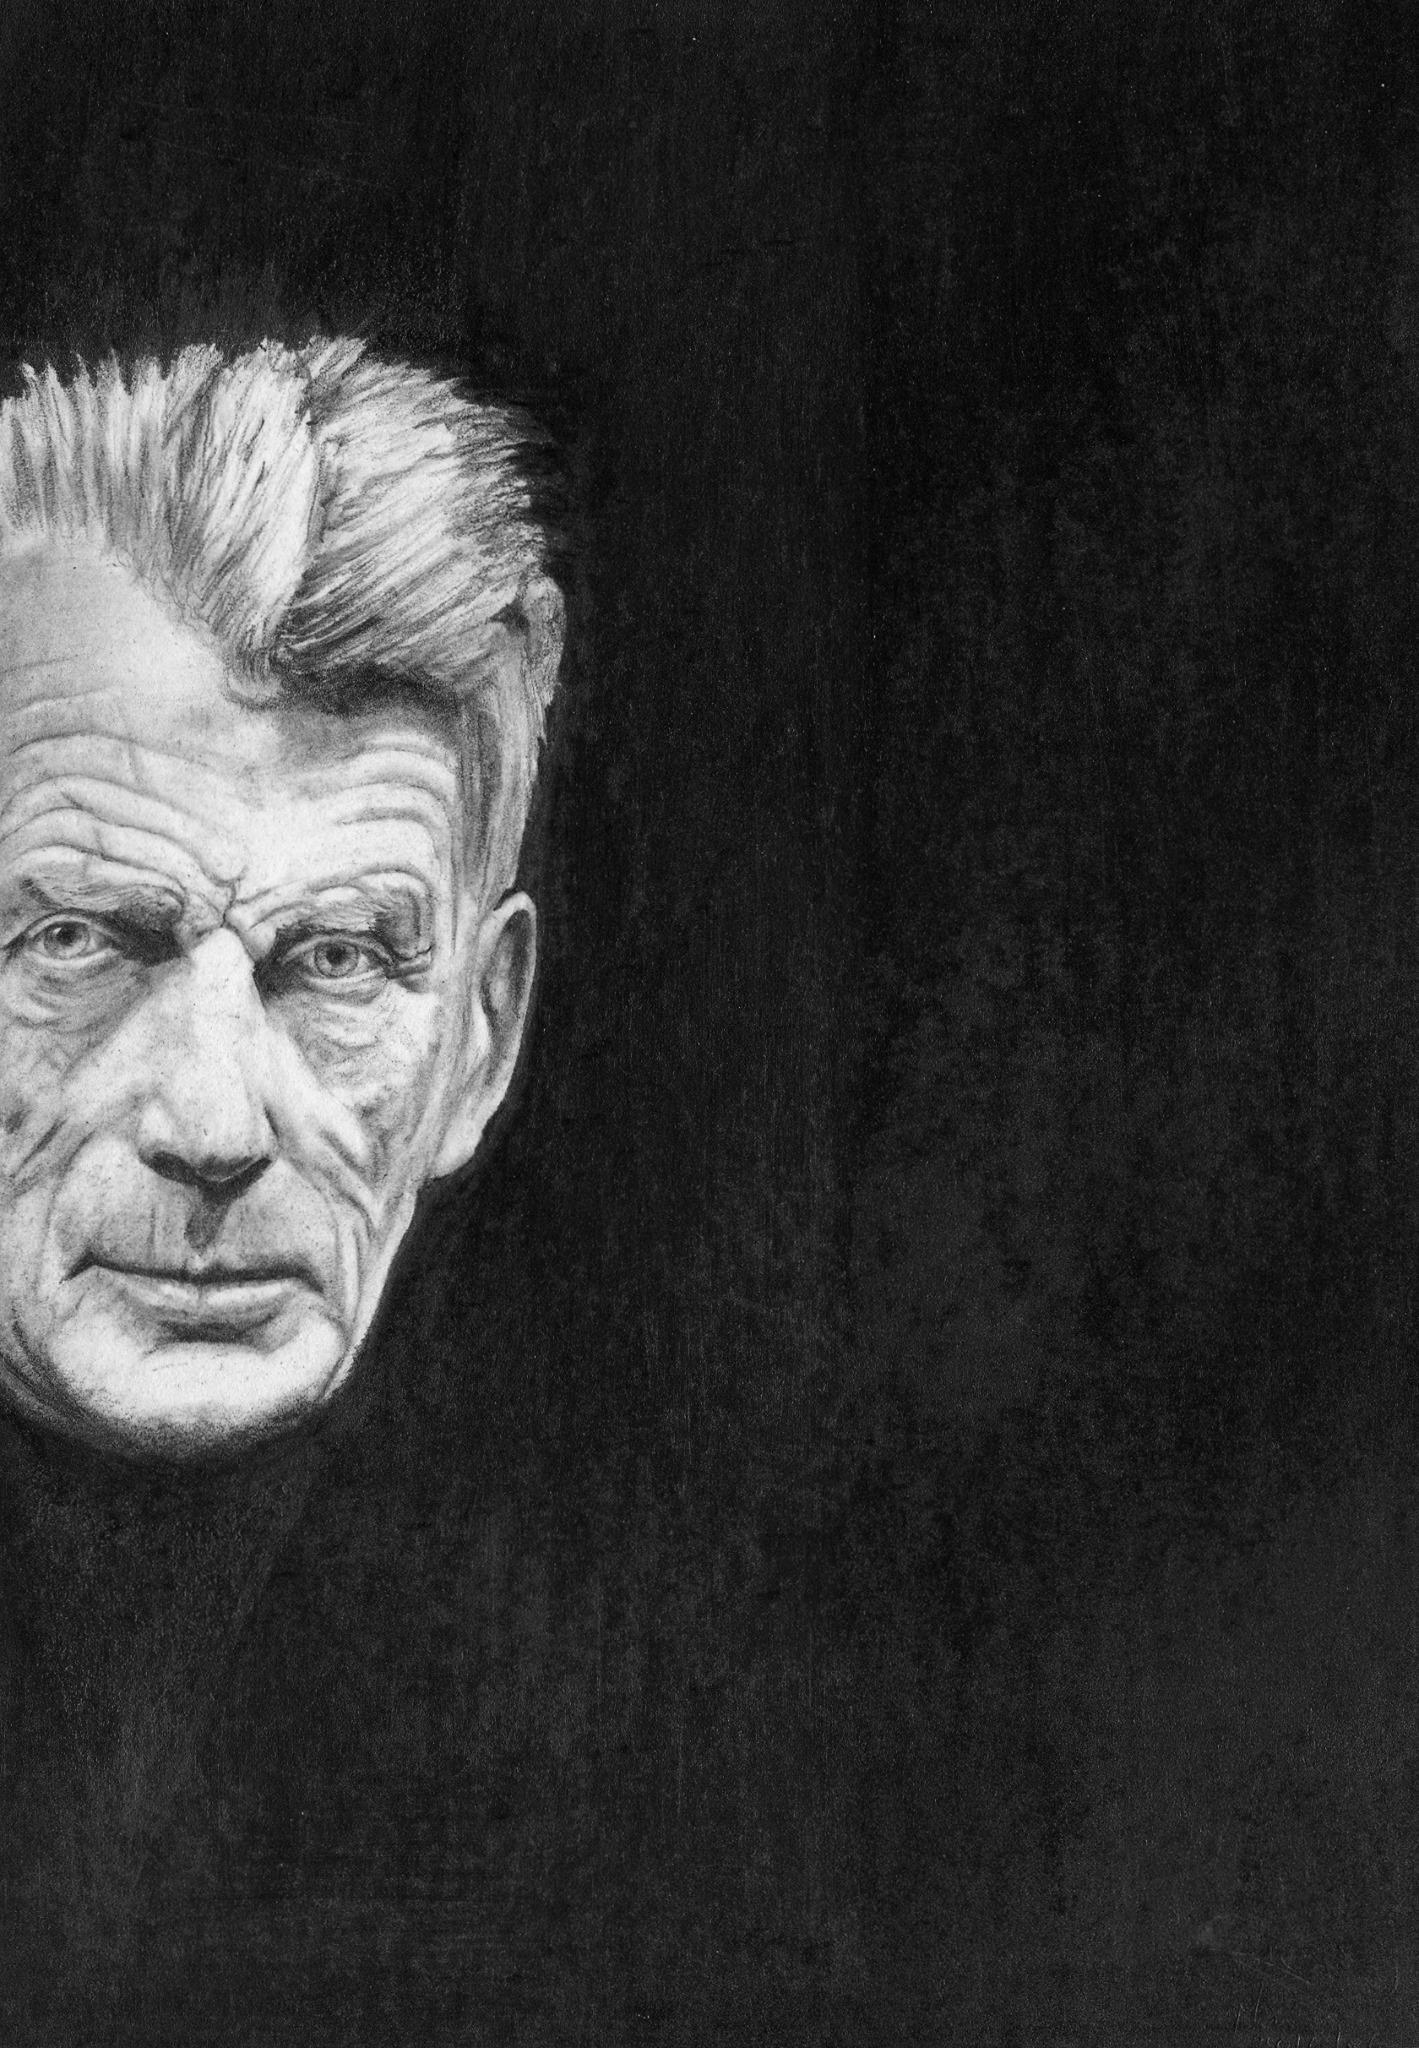 Samuel Beckett. A5